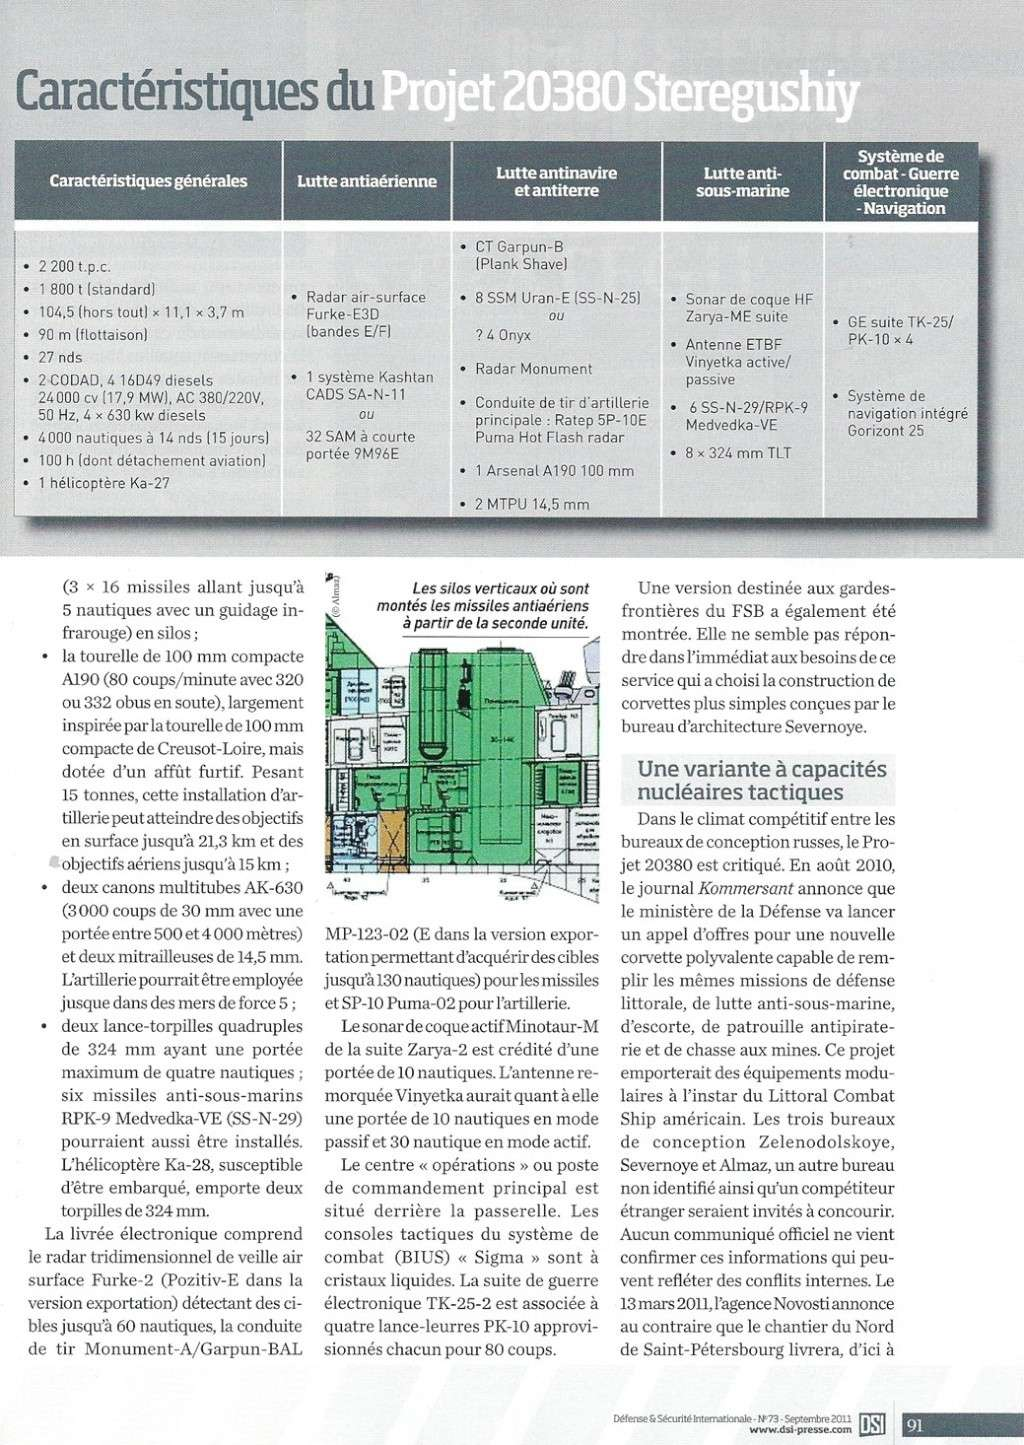 السوق الجزائري يمثل 13٪ من مبيعات الاسلحة الروسية +( أخبار صفقات الجزائر) Corvet14